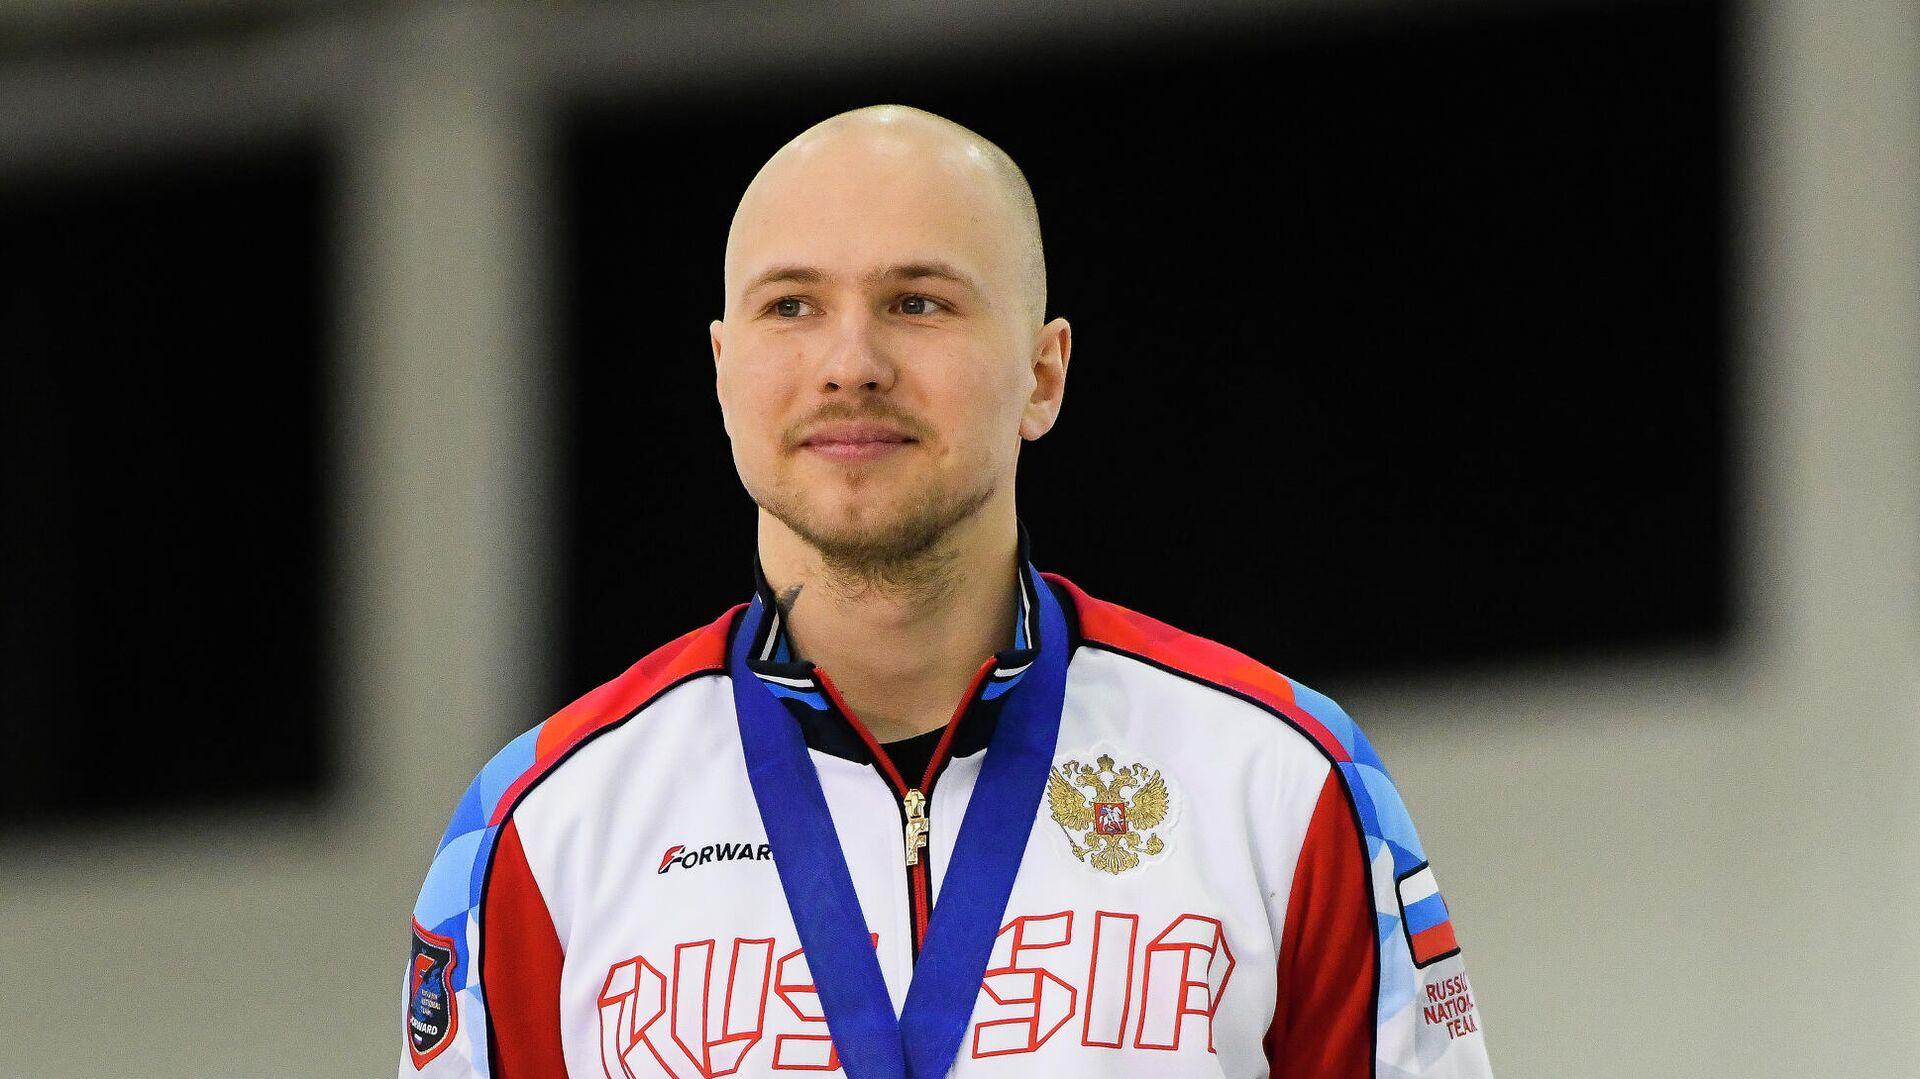 Российский конькобежец Павел Кулижников - РИА Новости, 1920, 13.02.2021